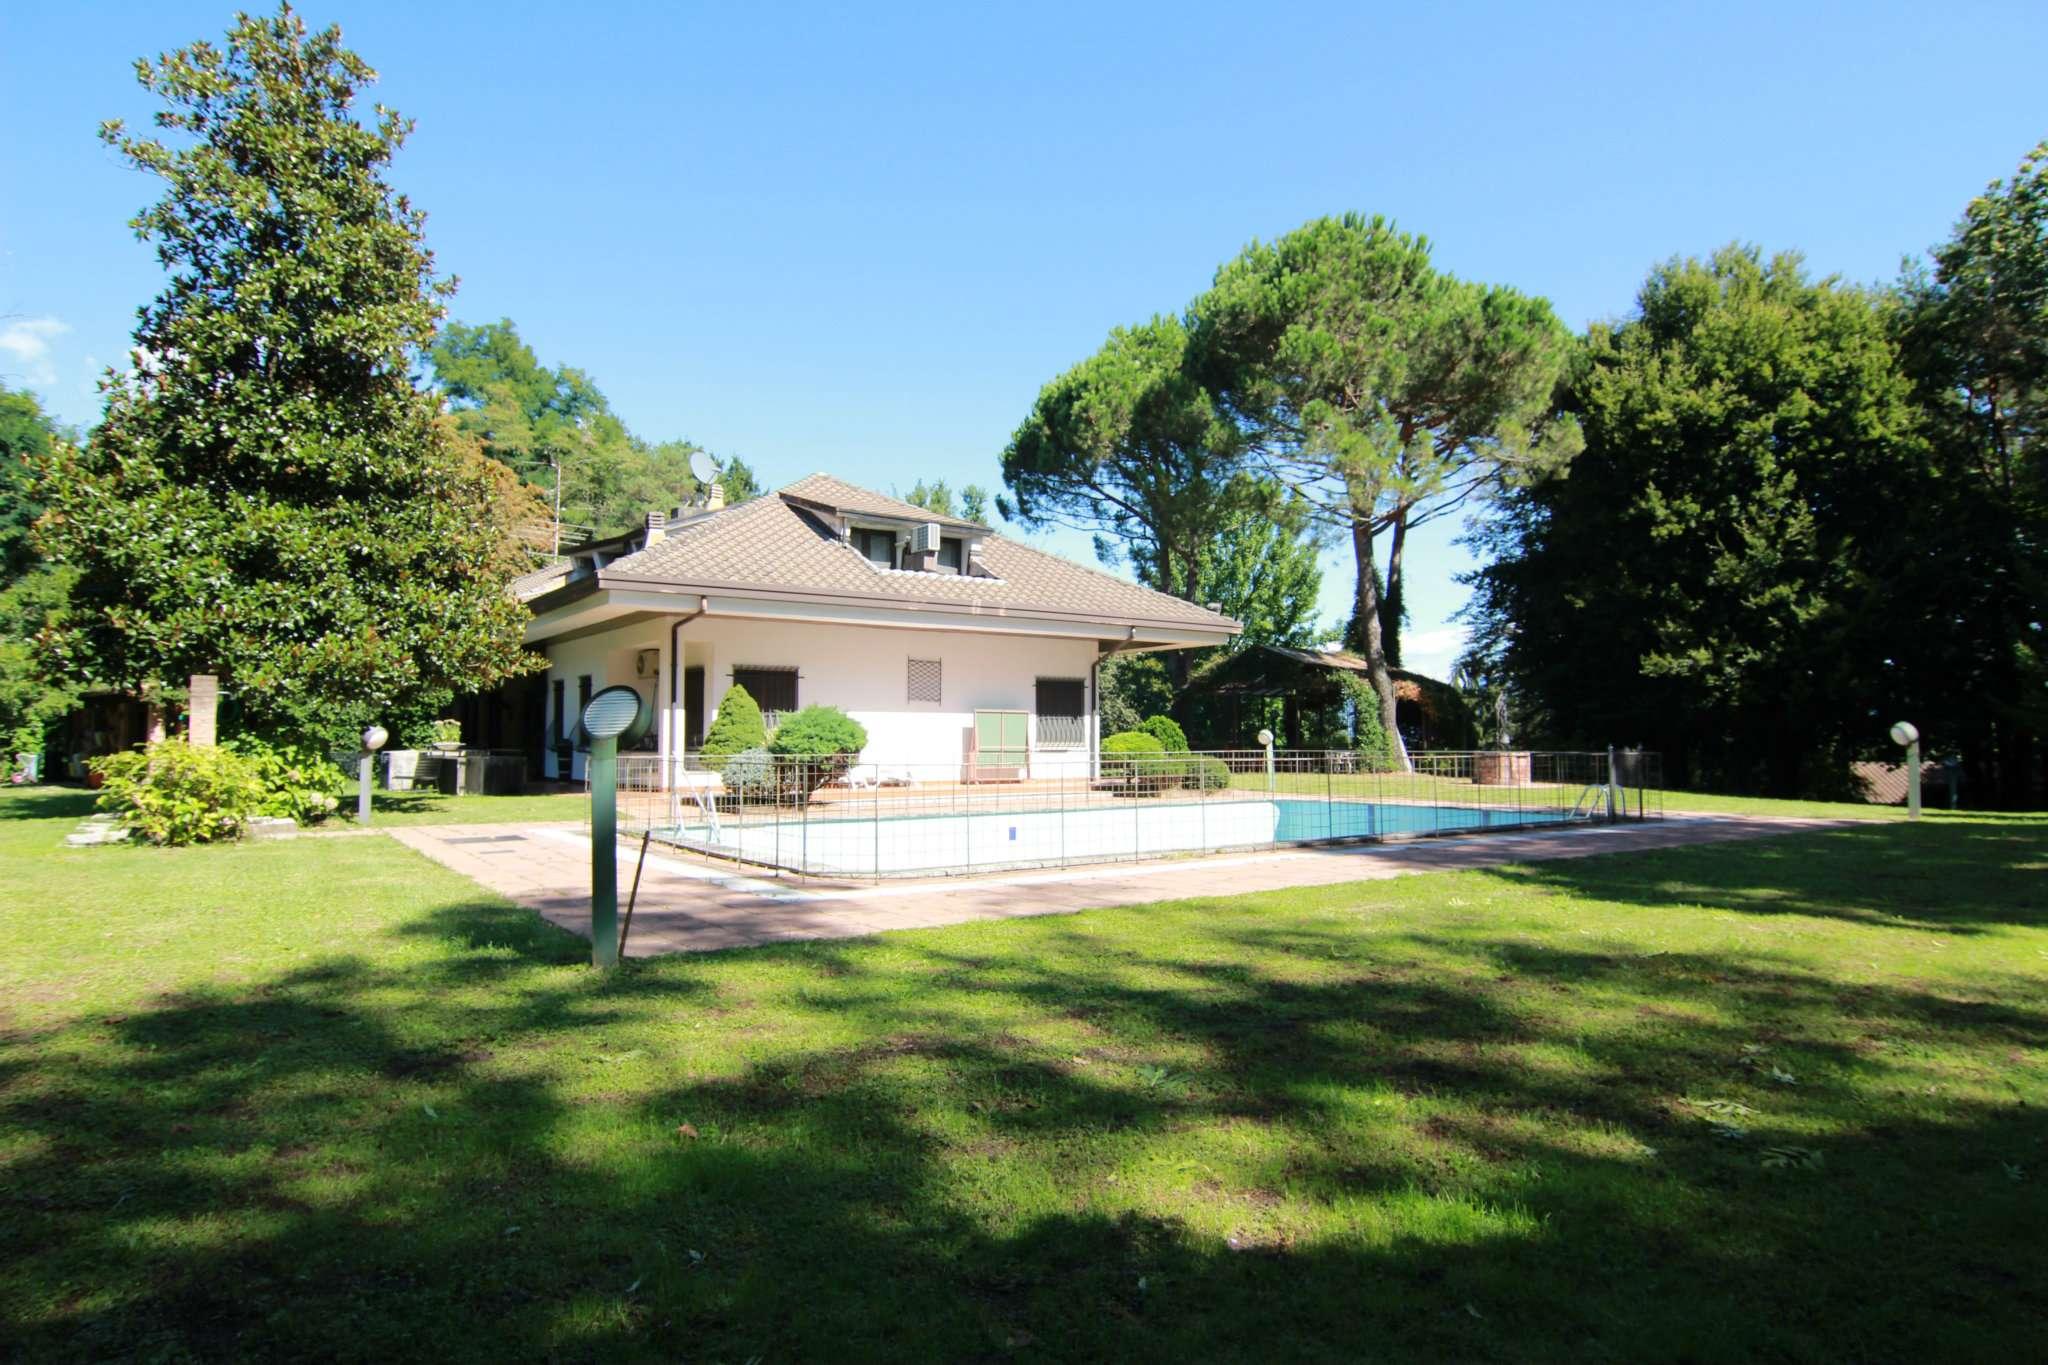 Villa in vendita a Alzate Brianza, 10 locali, prezzo € 1.190.000 | PortaleAgenzieImmobiliari.it